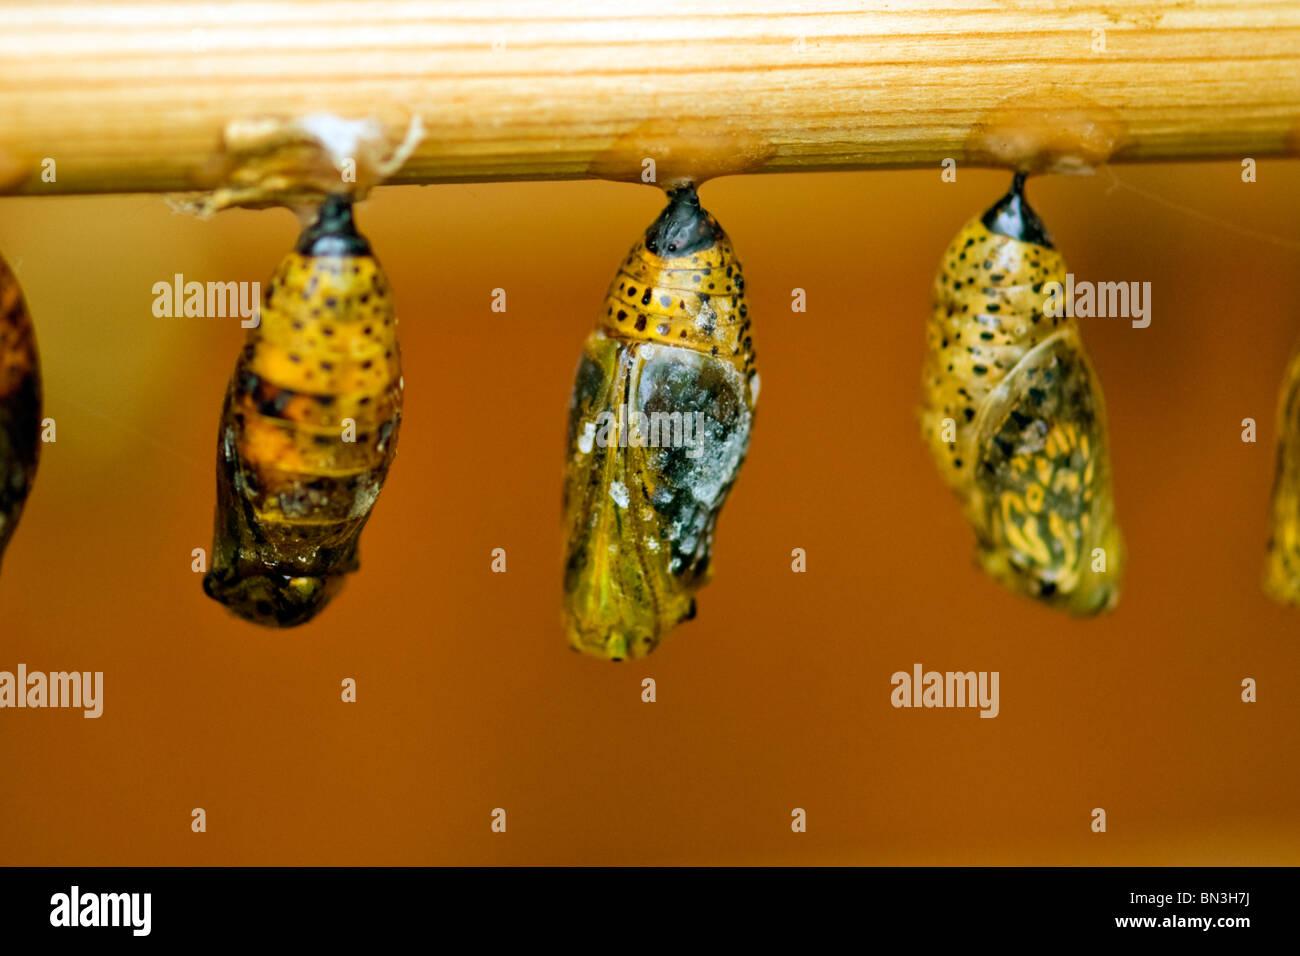 Golders Hill Park , papillon nymphe ou pupe prêts à éclore ou émergent ou se métamorphosent Photo Stock